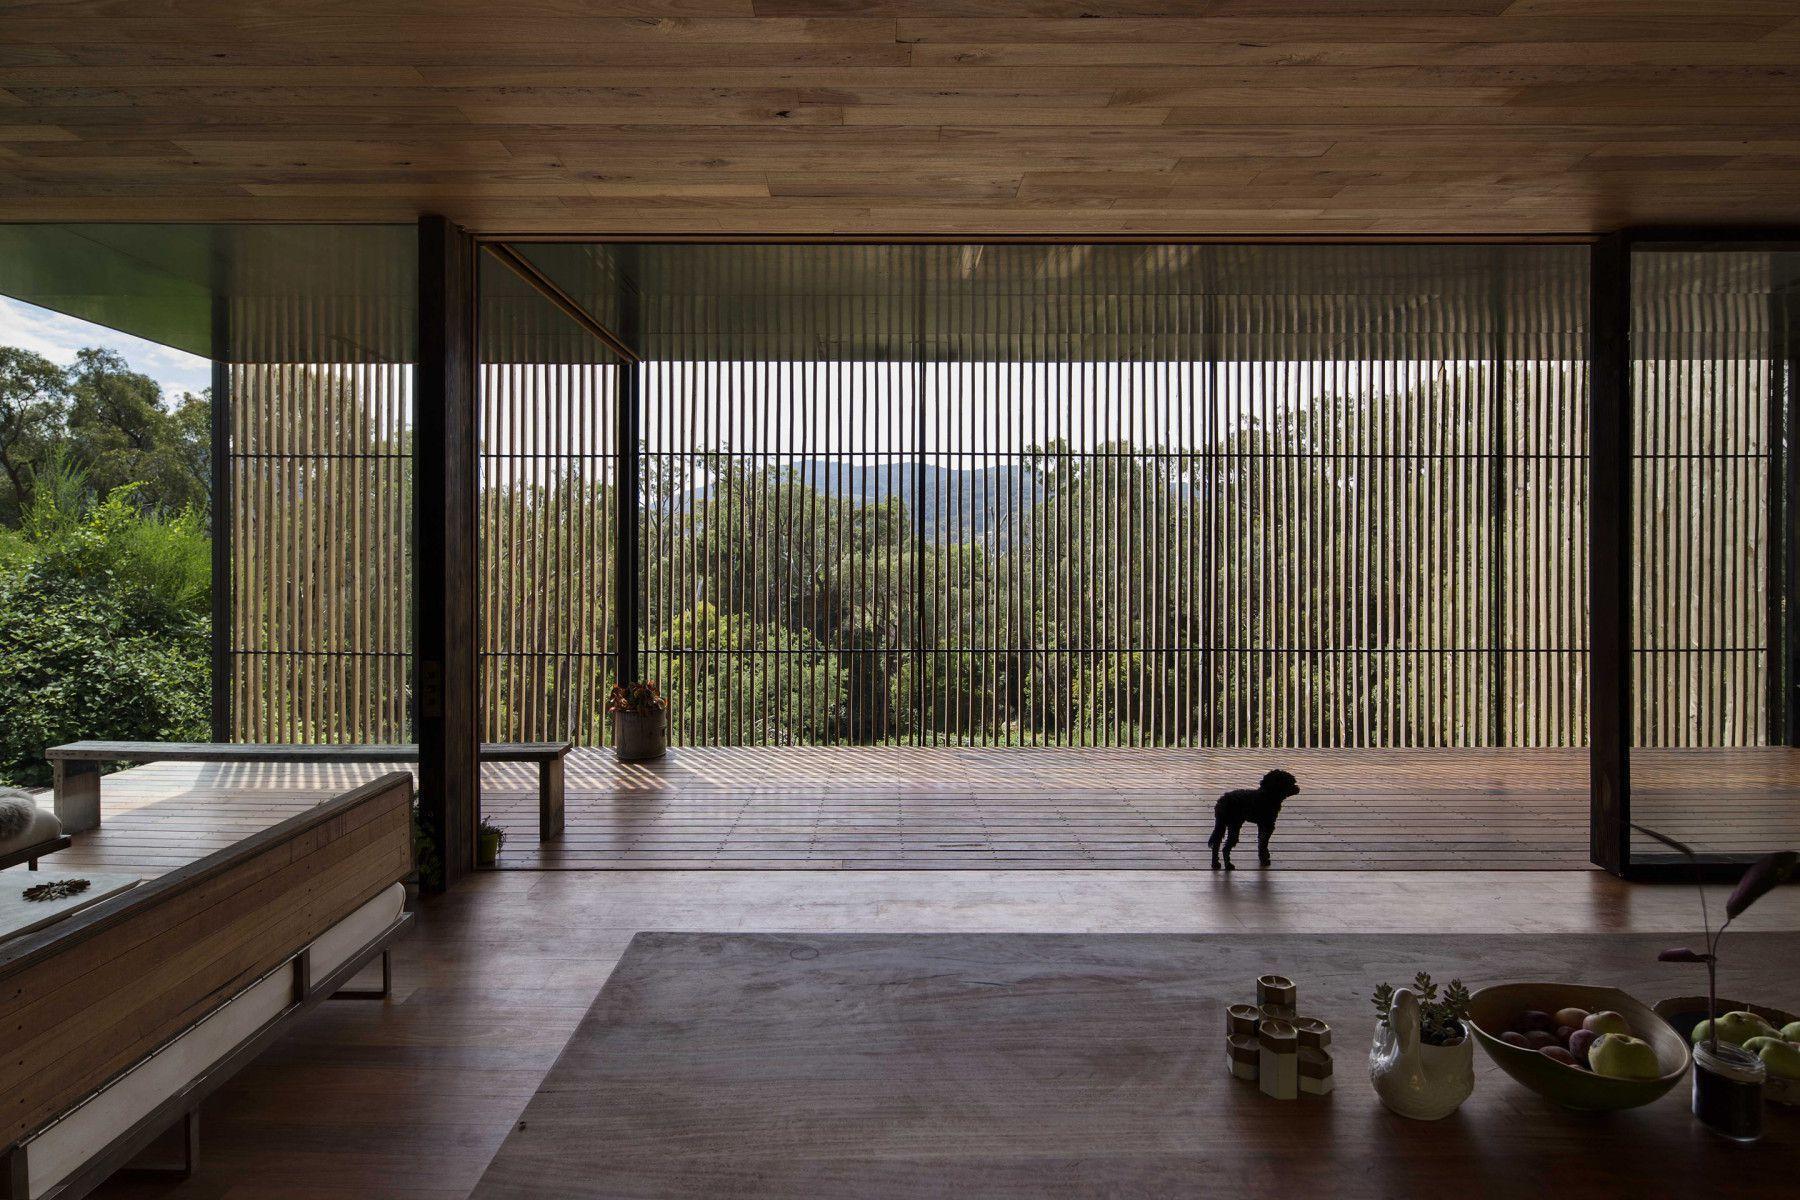 Concrete blocks and wooden interior architecture